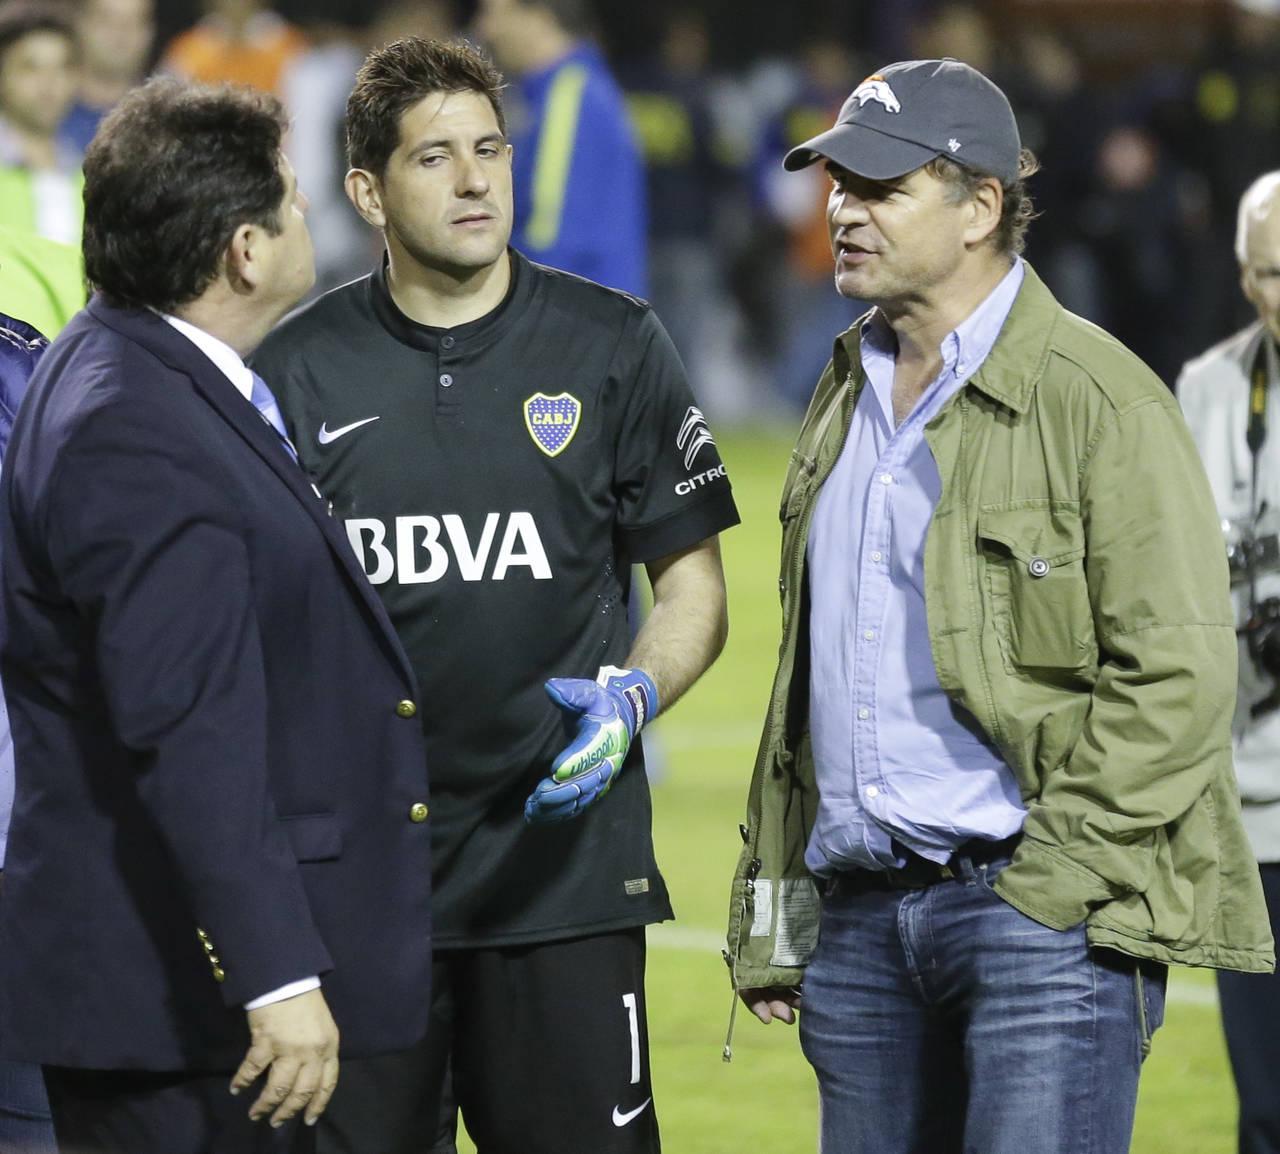 Señalan a Televisa y Fox Sports en juicio